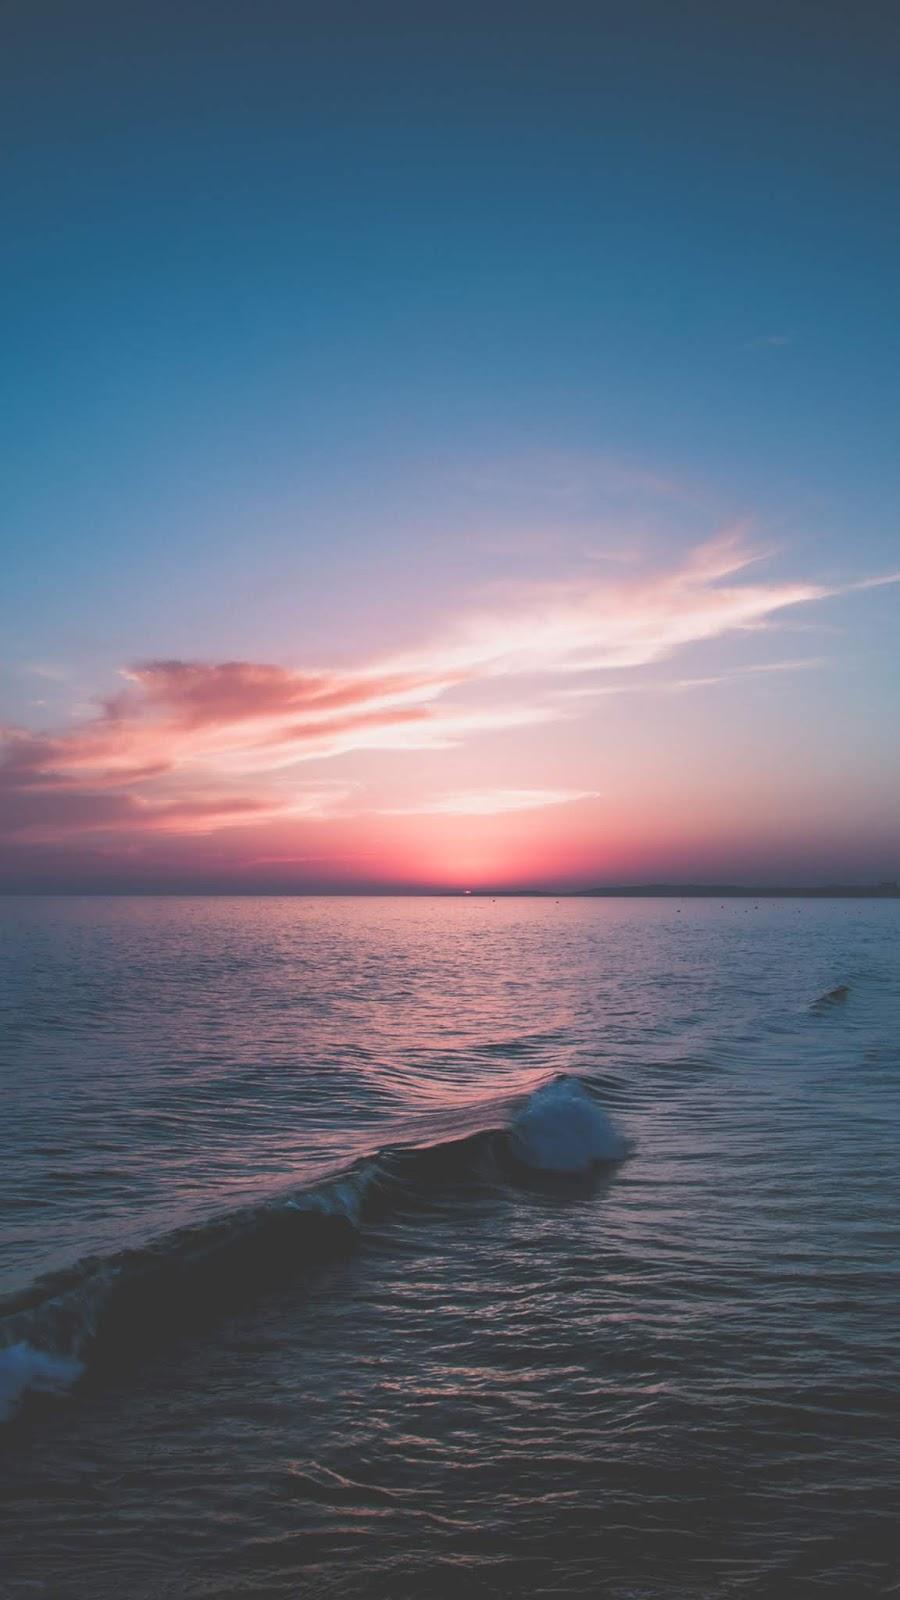 sunset wallpaper mobile